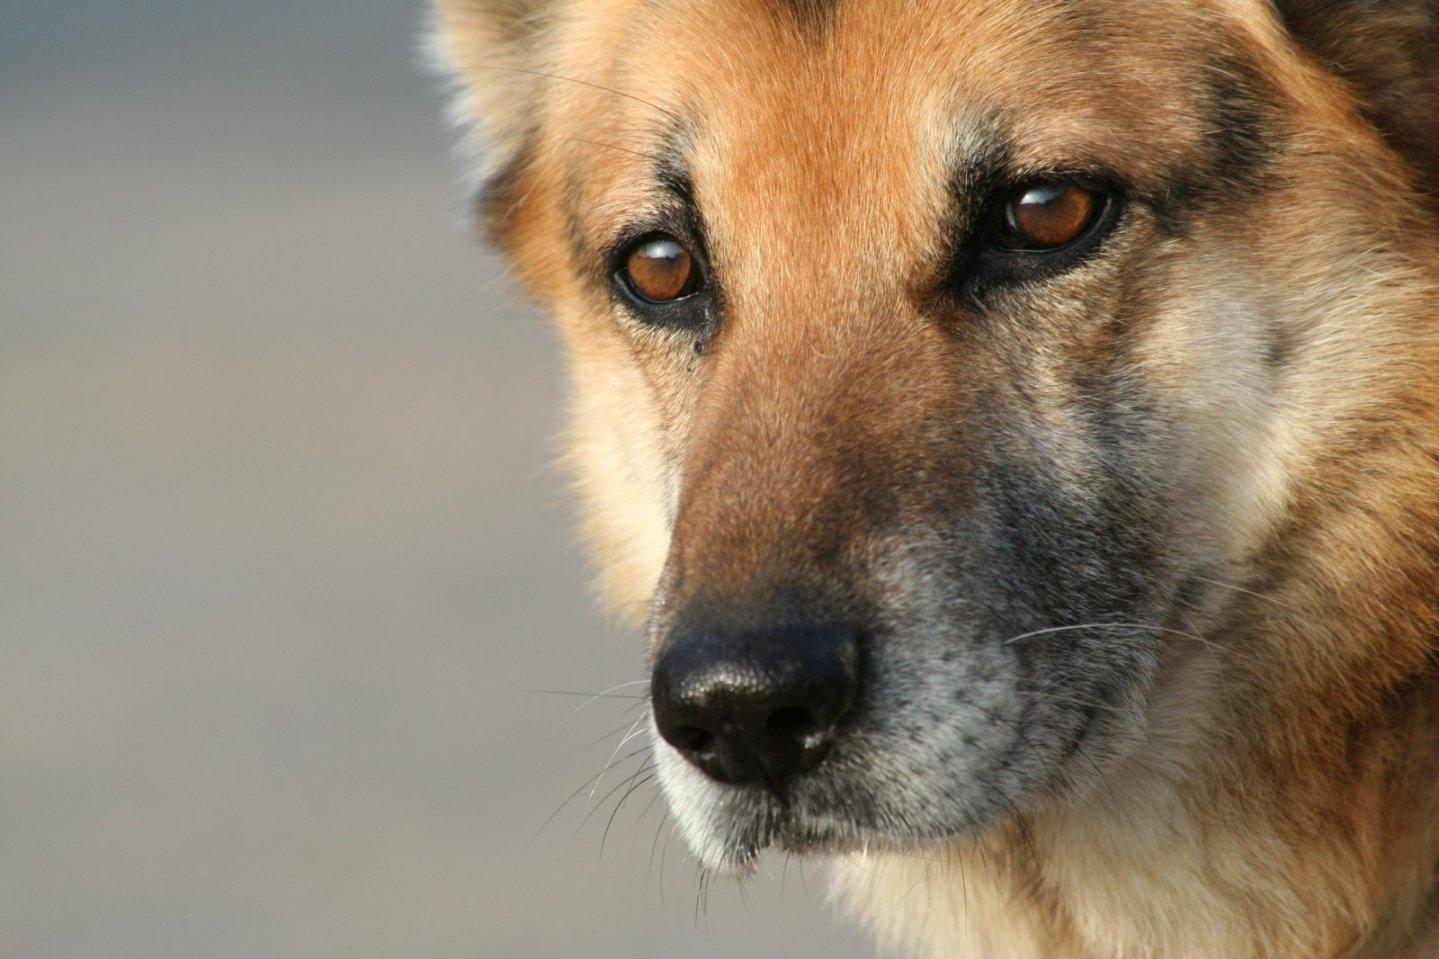 Should pets be vegan?